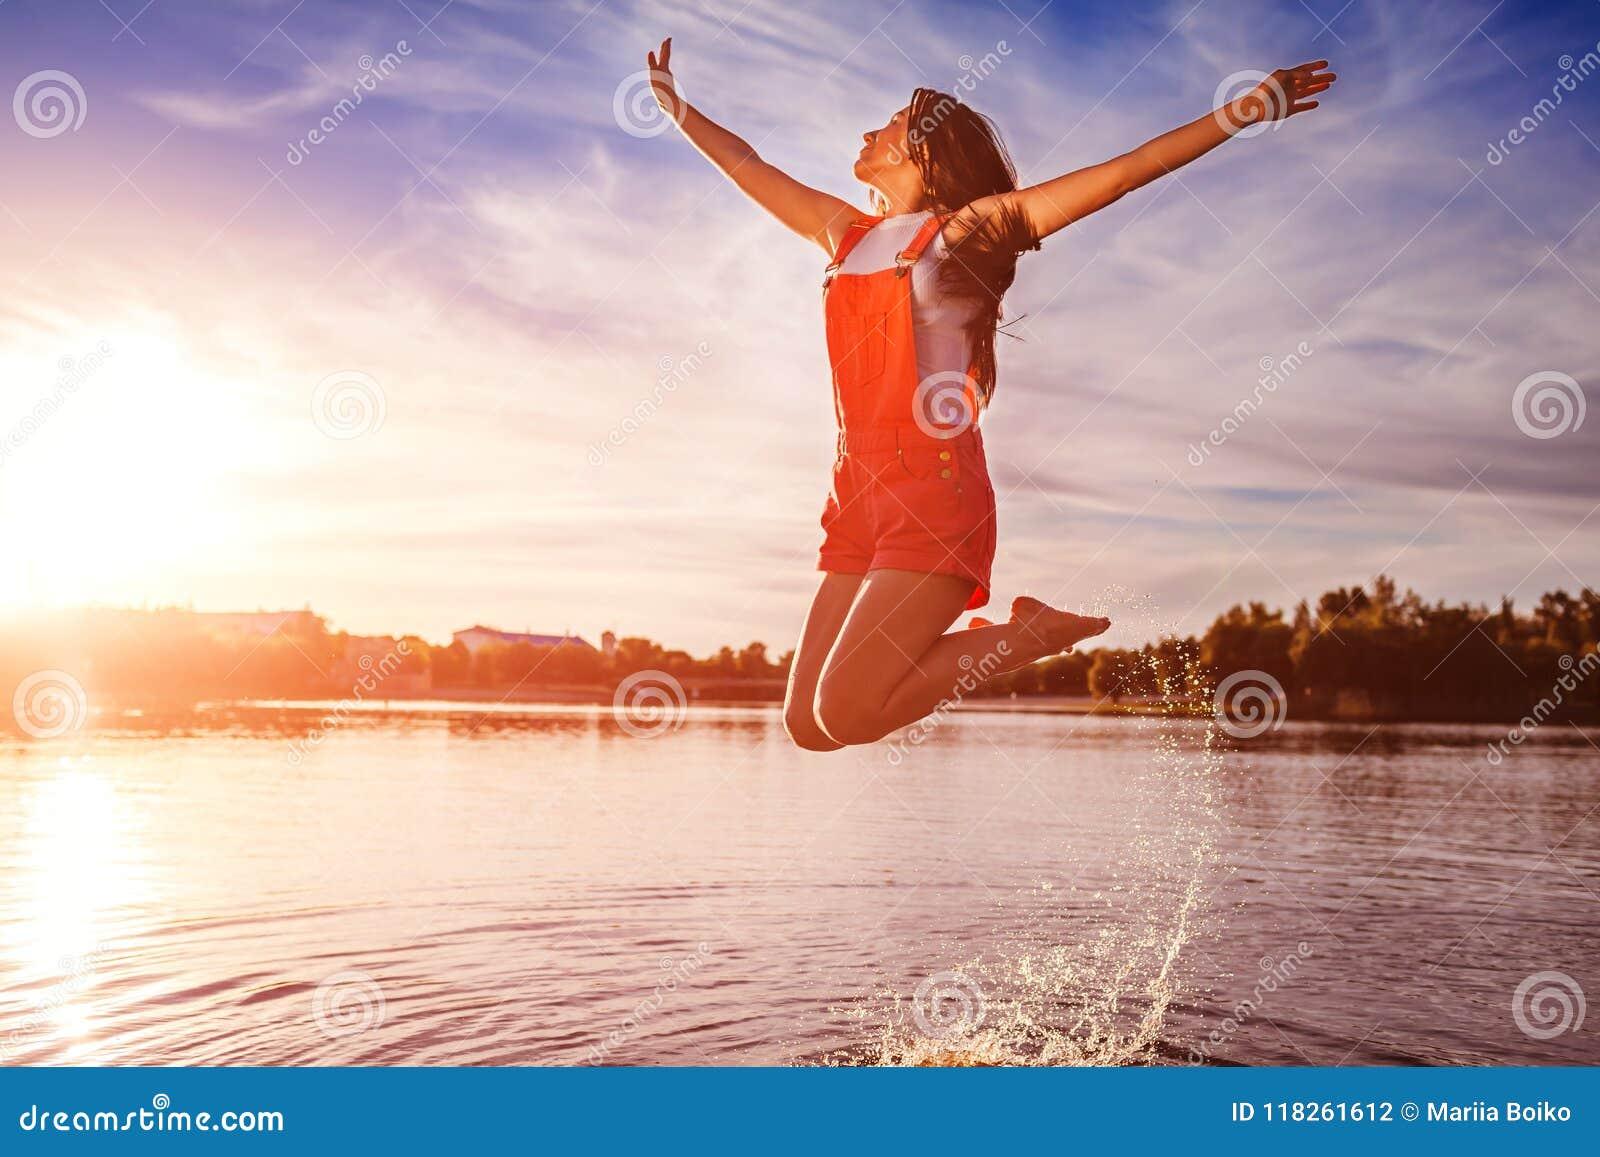 Gelukkige en vrije jonge vrouw die en wapens op rivierbank springen opheffen Vrijheid Actieve levensstijl